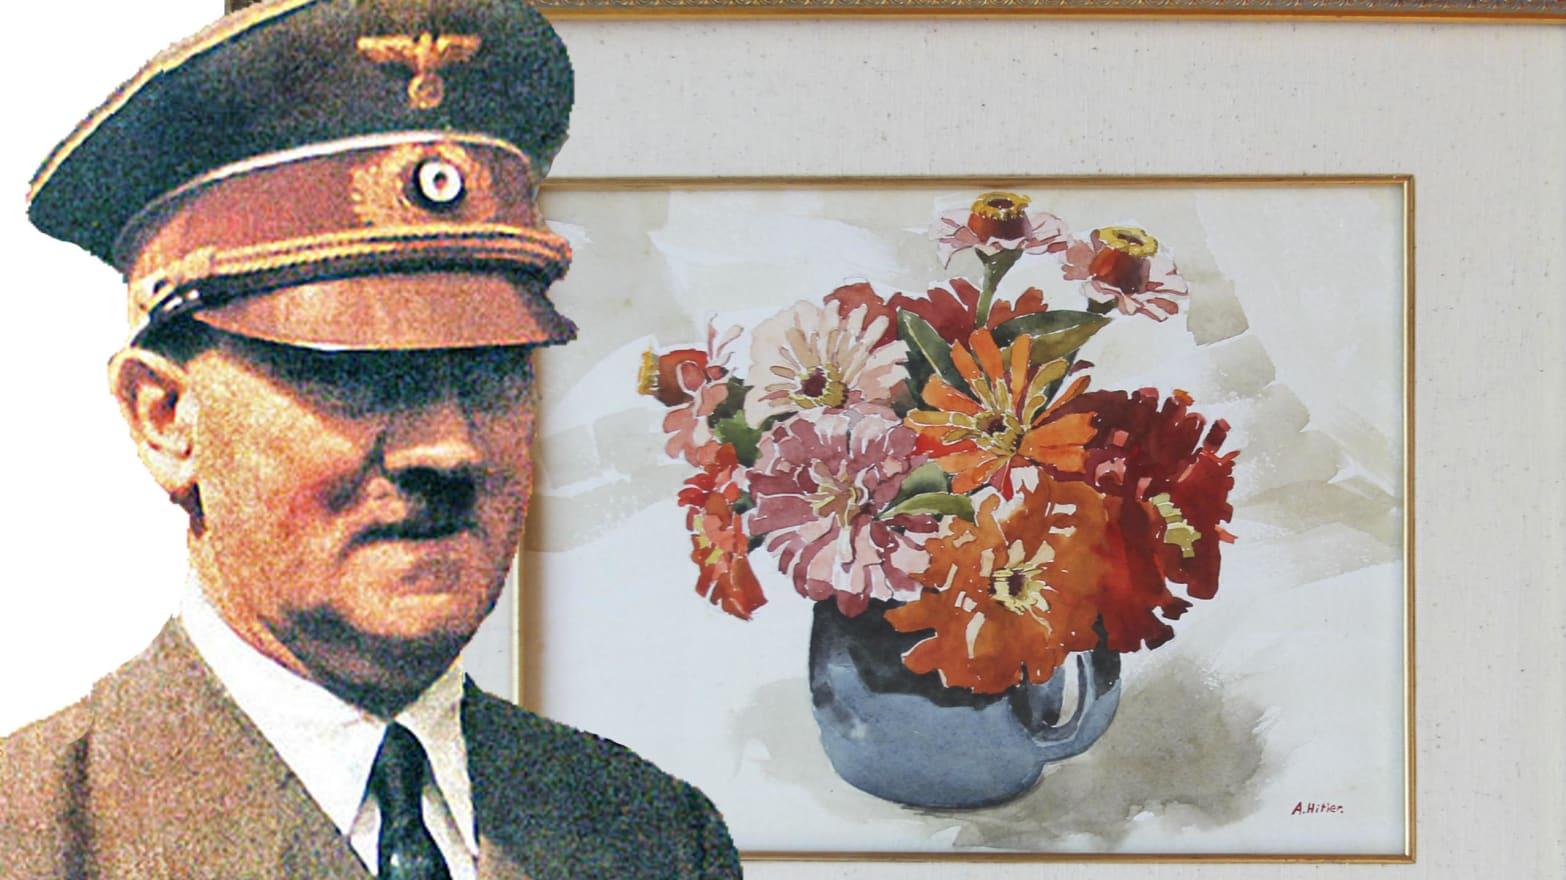 Αποτέλεσμα εικόνας για Hitler artist